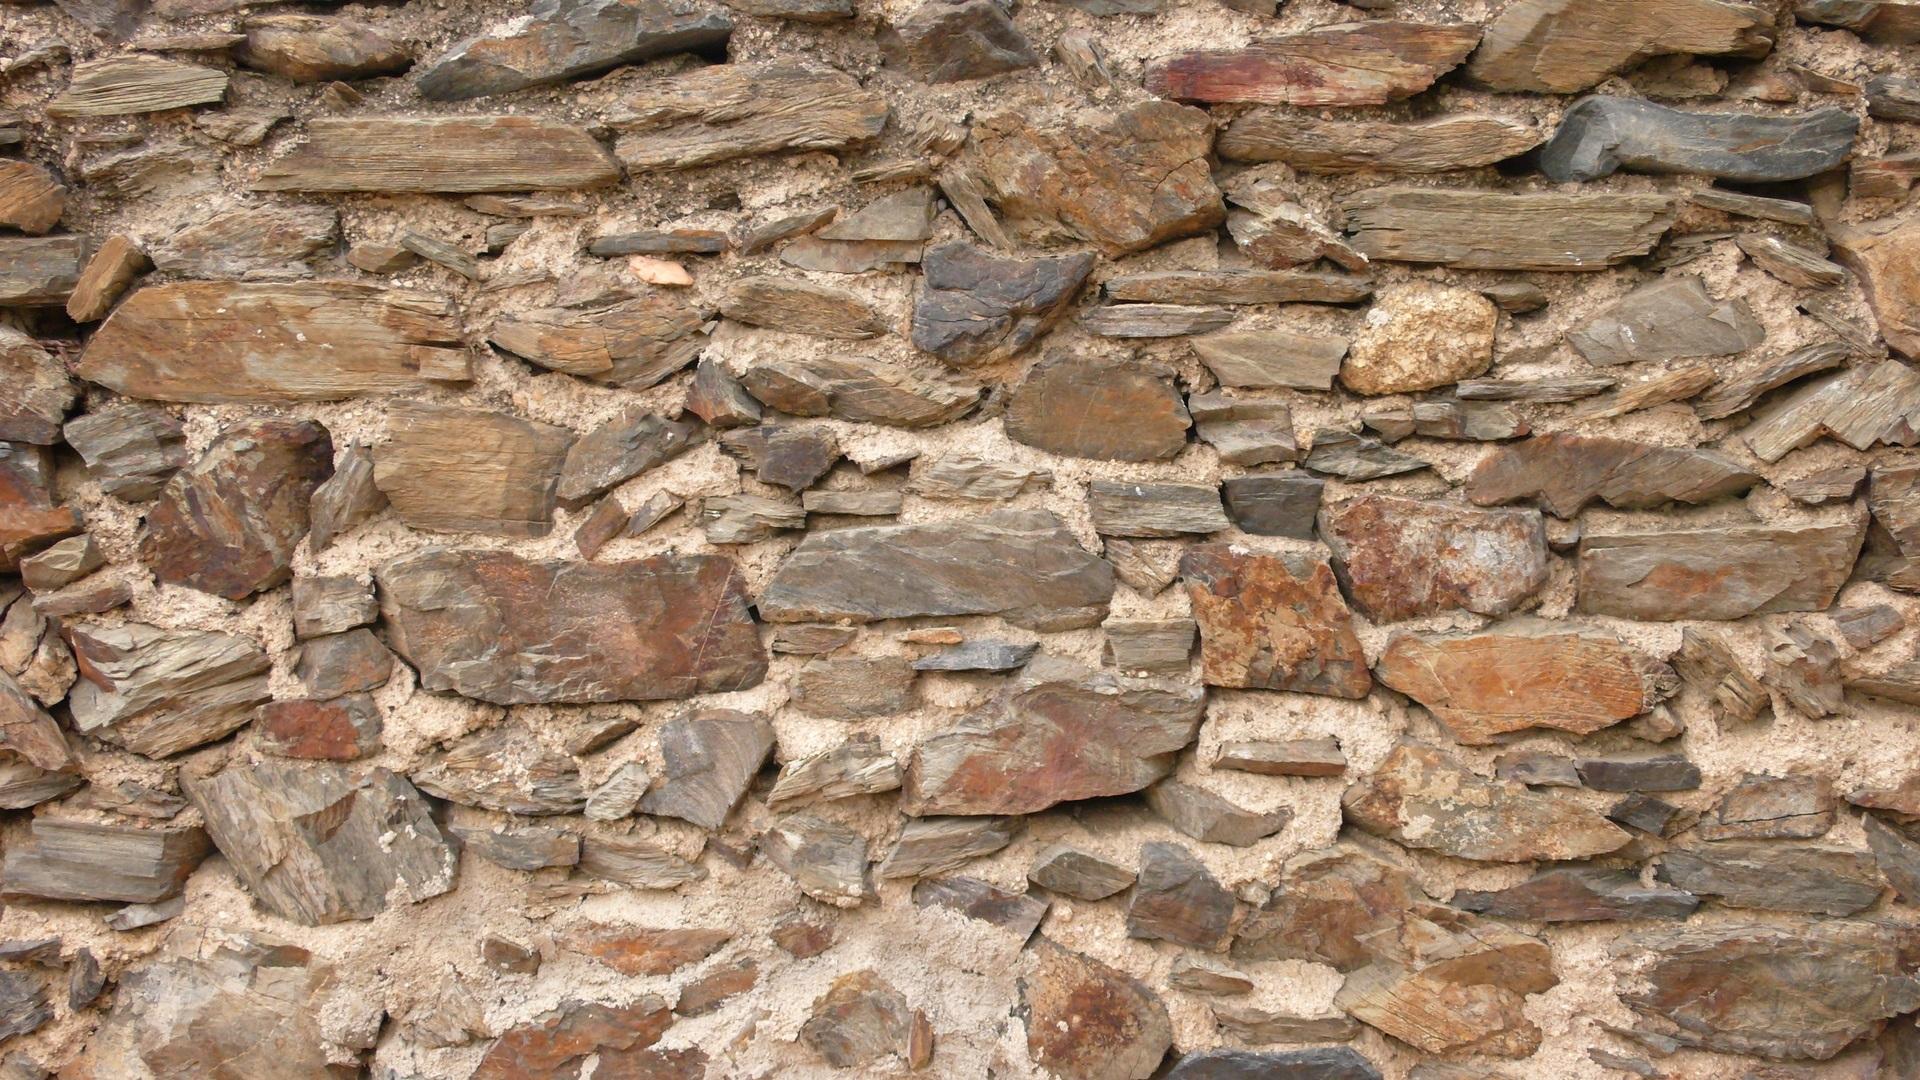 Fotos gratis rock textura pared construcci n patr n pared de piedra texturizado de - Piedras para construccion ...